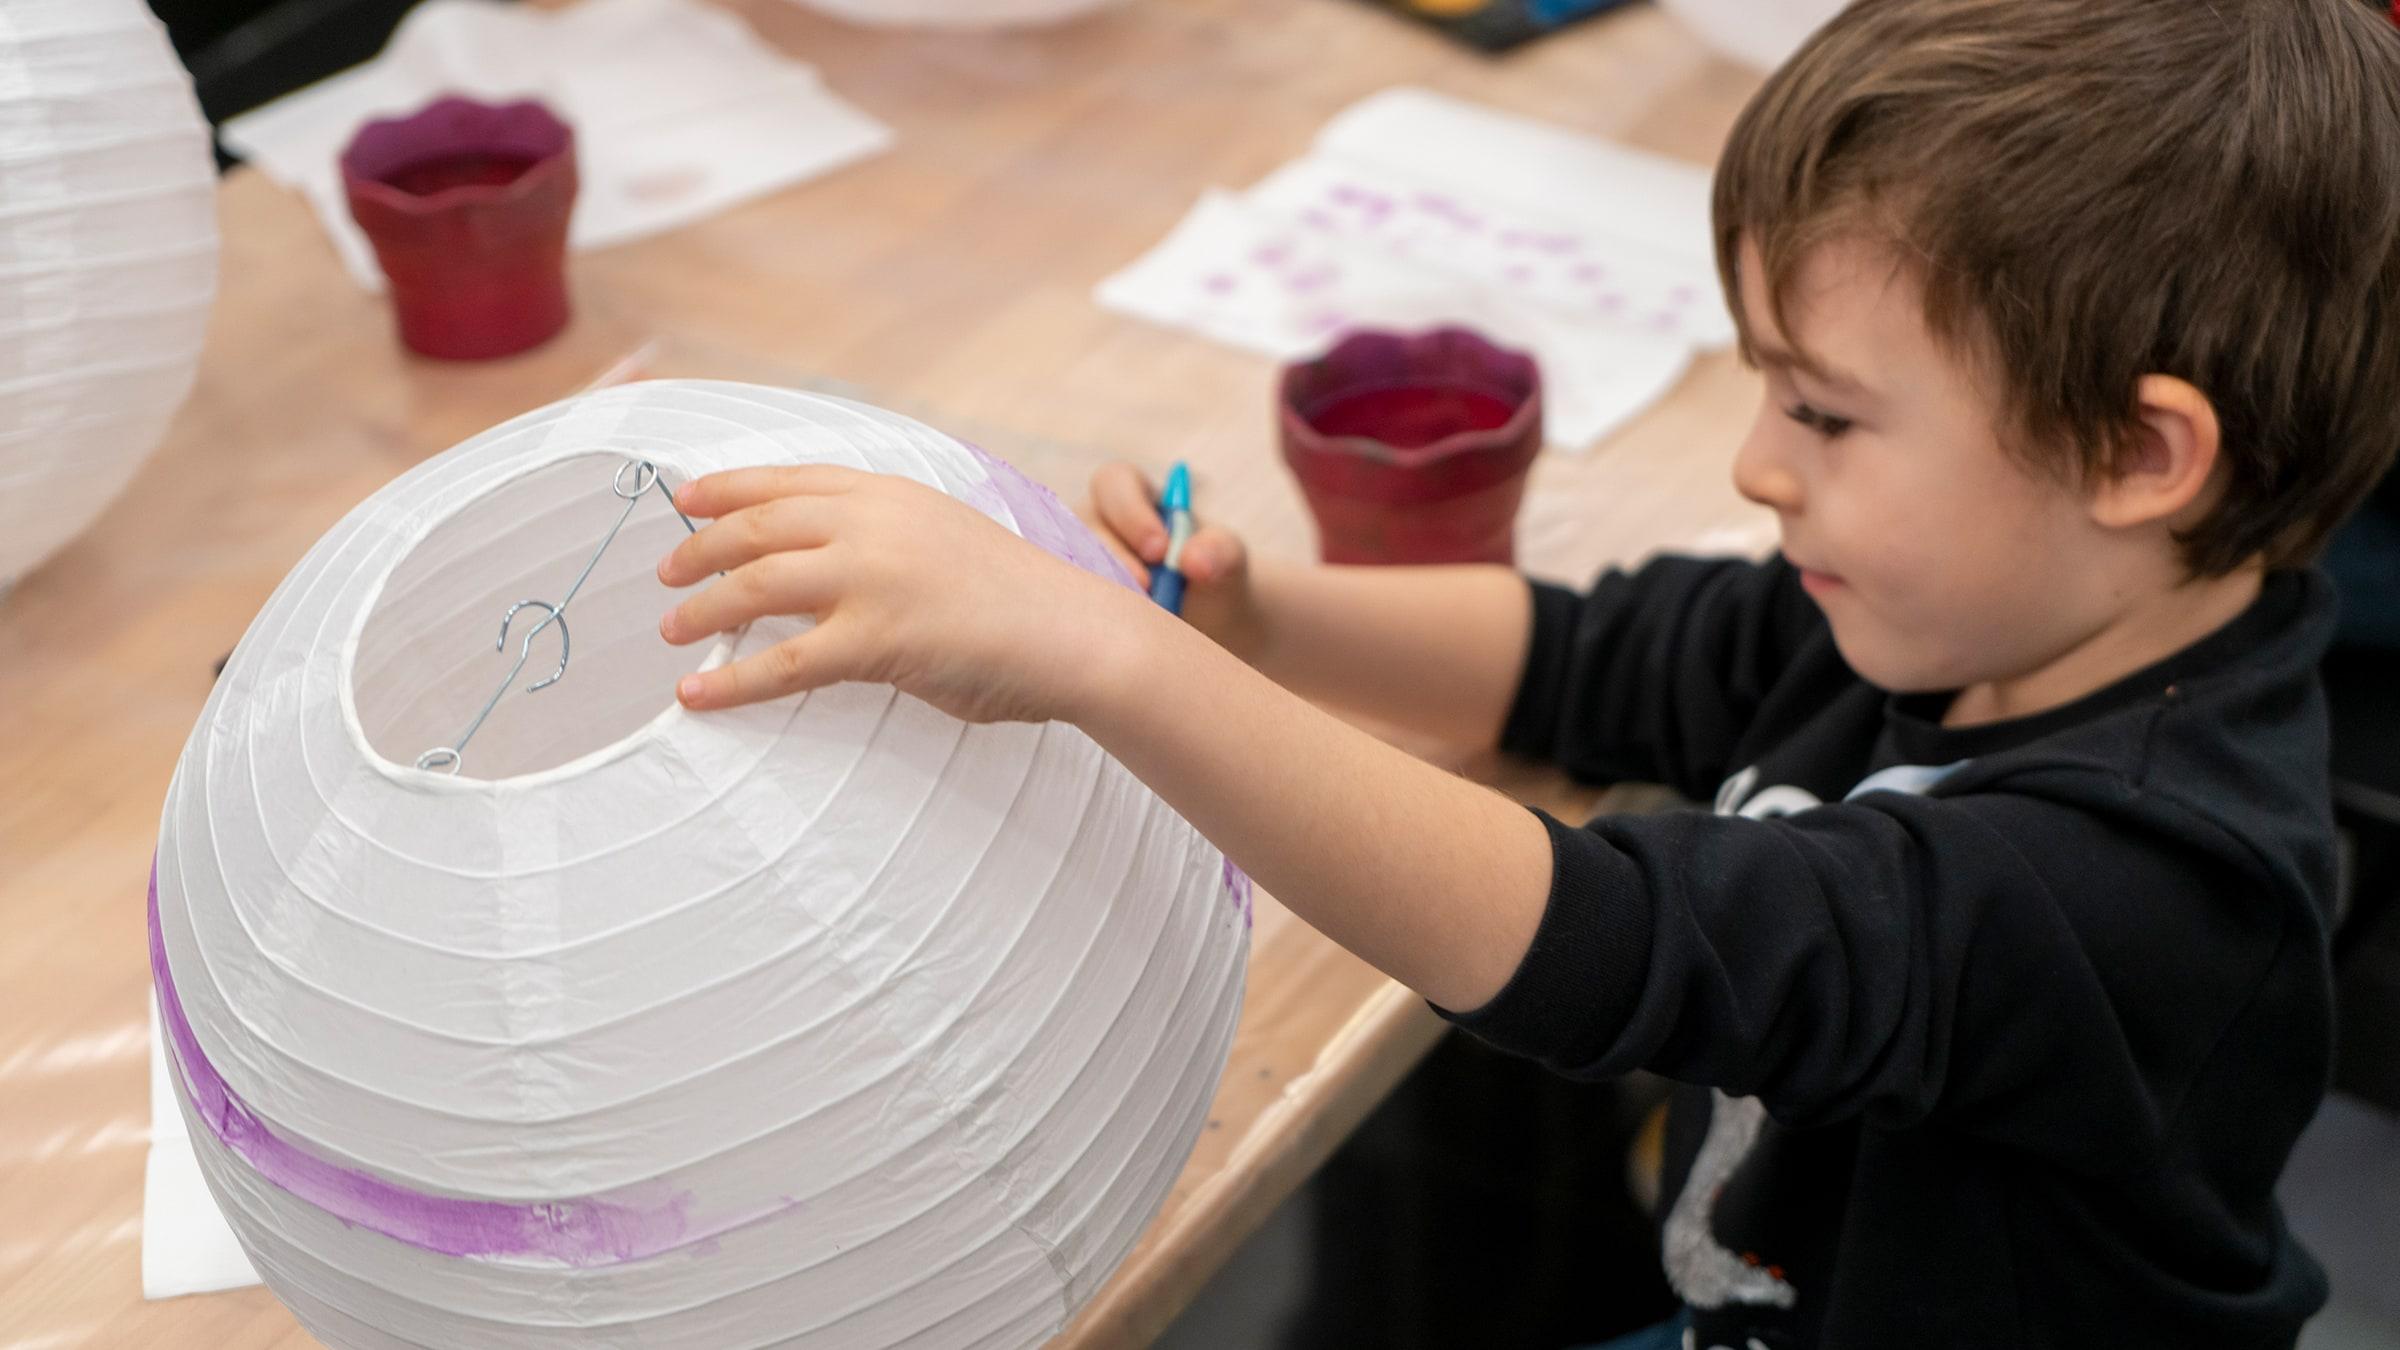 Hayal Dünyama Yolculuk: Kağıt Lambadan Balon